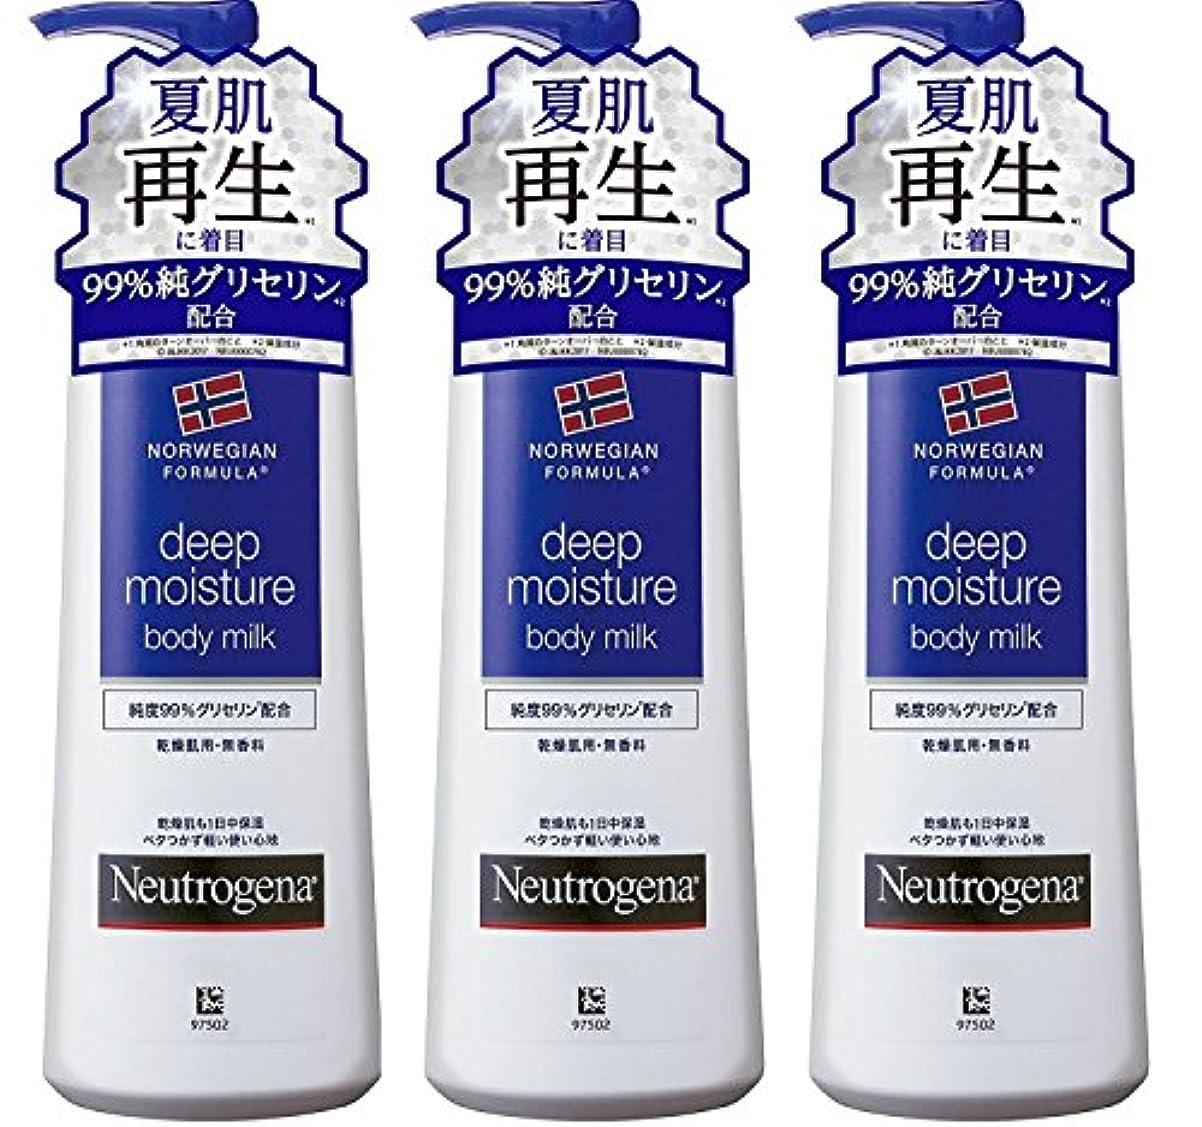 ホームレス変位故障中Neutrogena(ニュートロジーナ) ノルウェーフォーミュラ ディープモイスチャー ボディミルク250mL×3セット